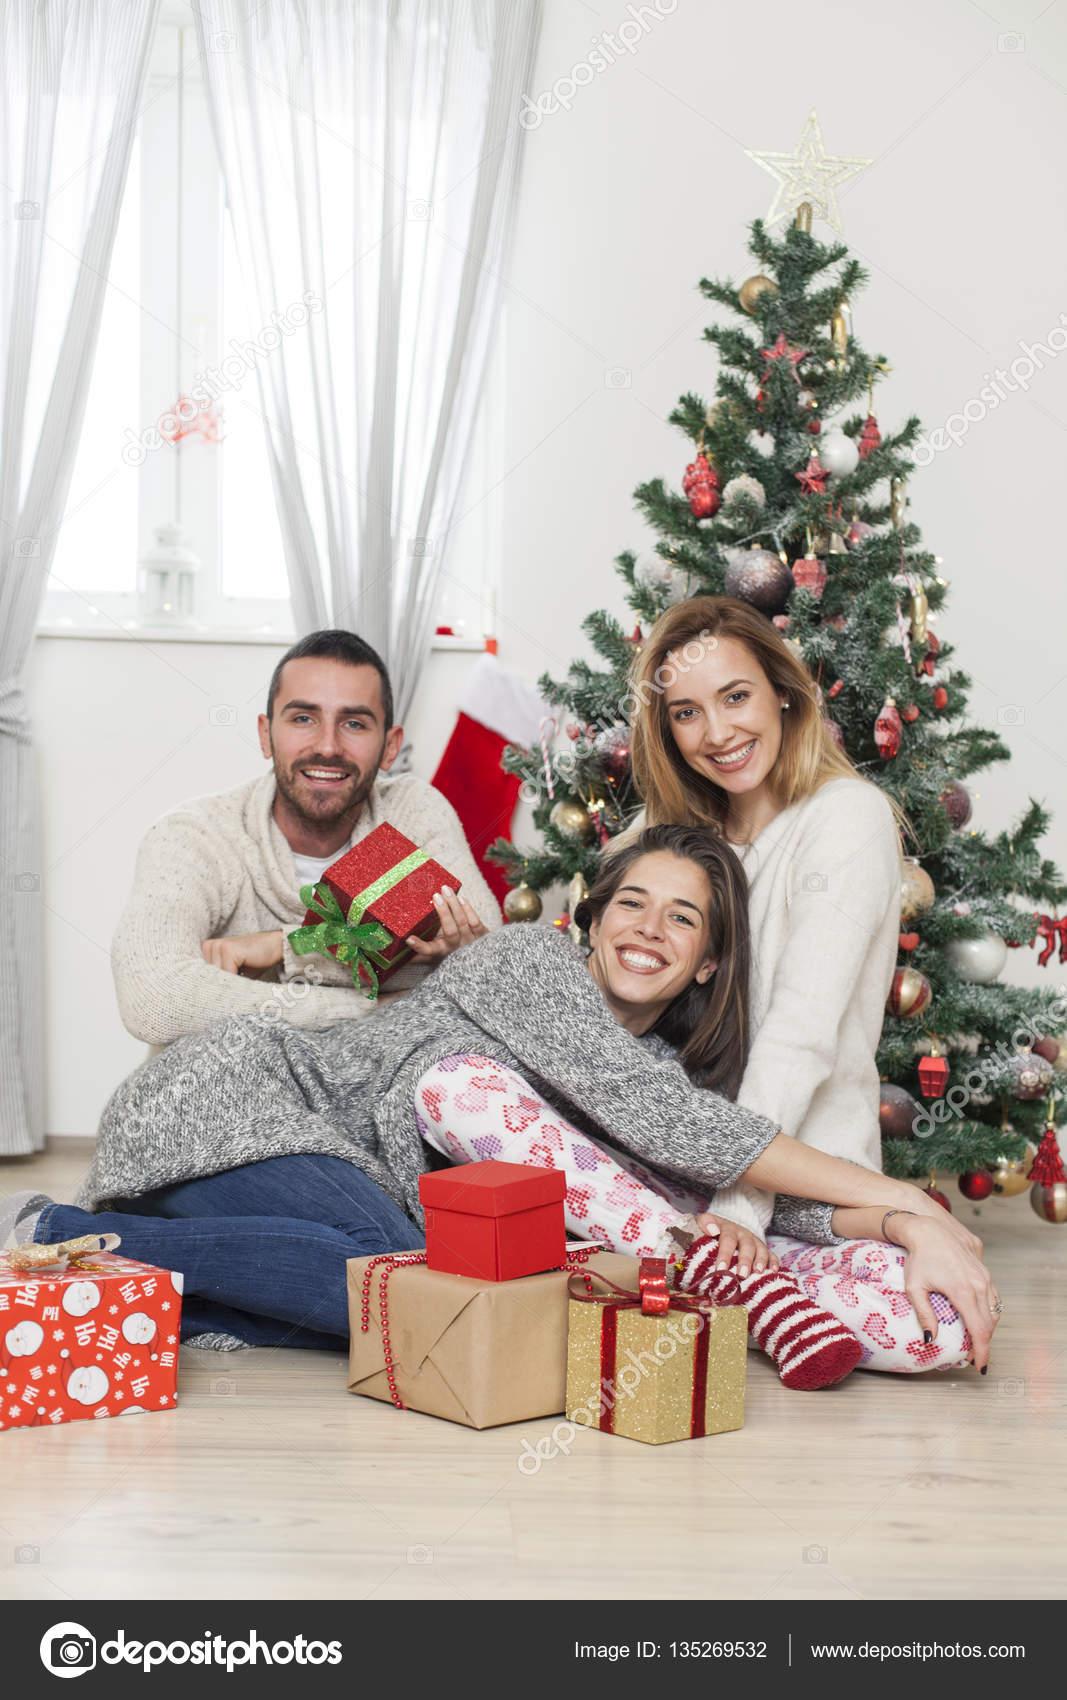 Albero Di Natale Con Foto Amici.Amici Che Si Siedono Vicino All Albero Di Natale Con